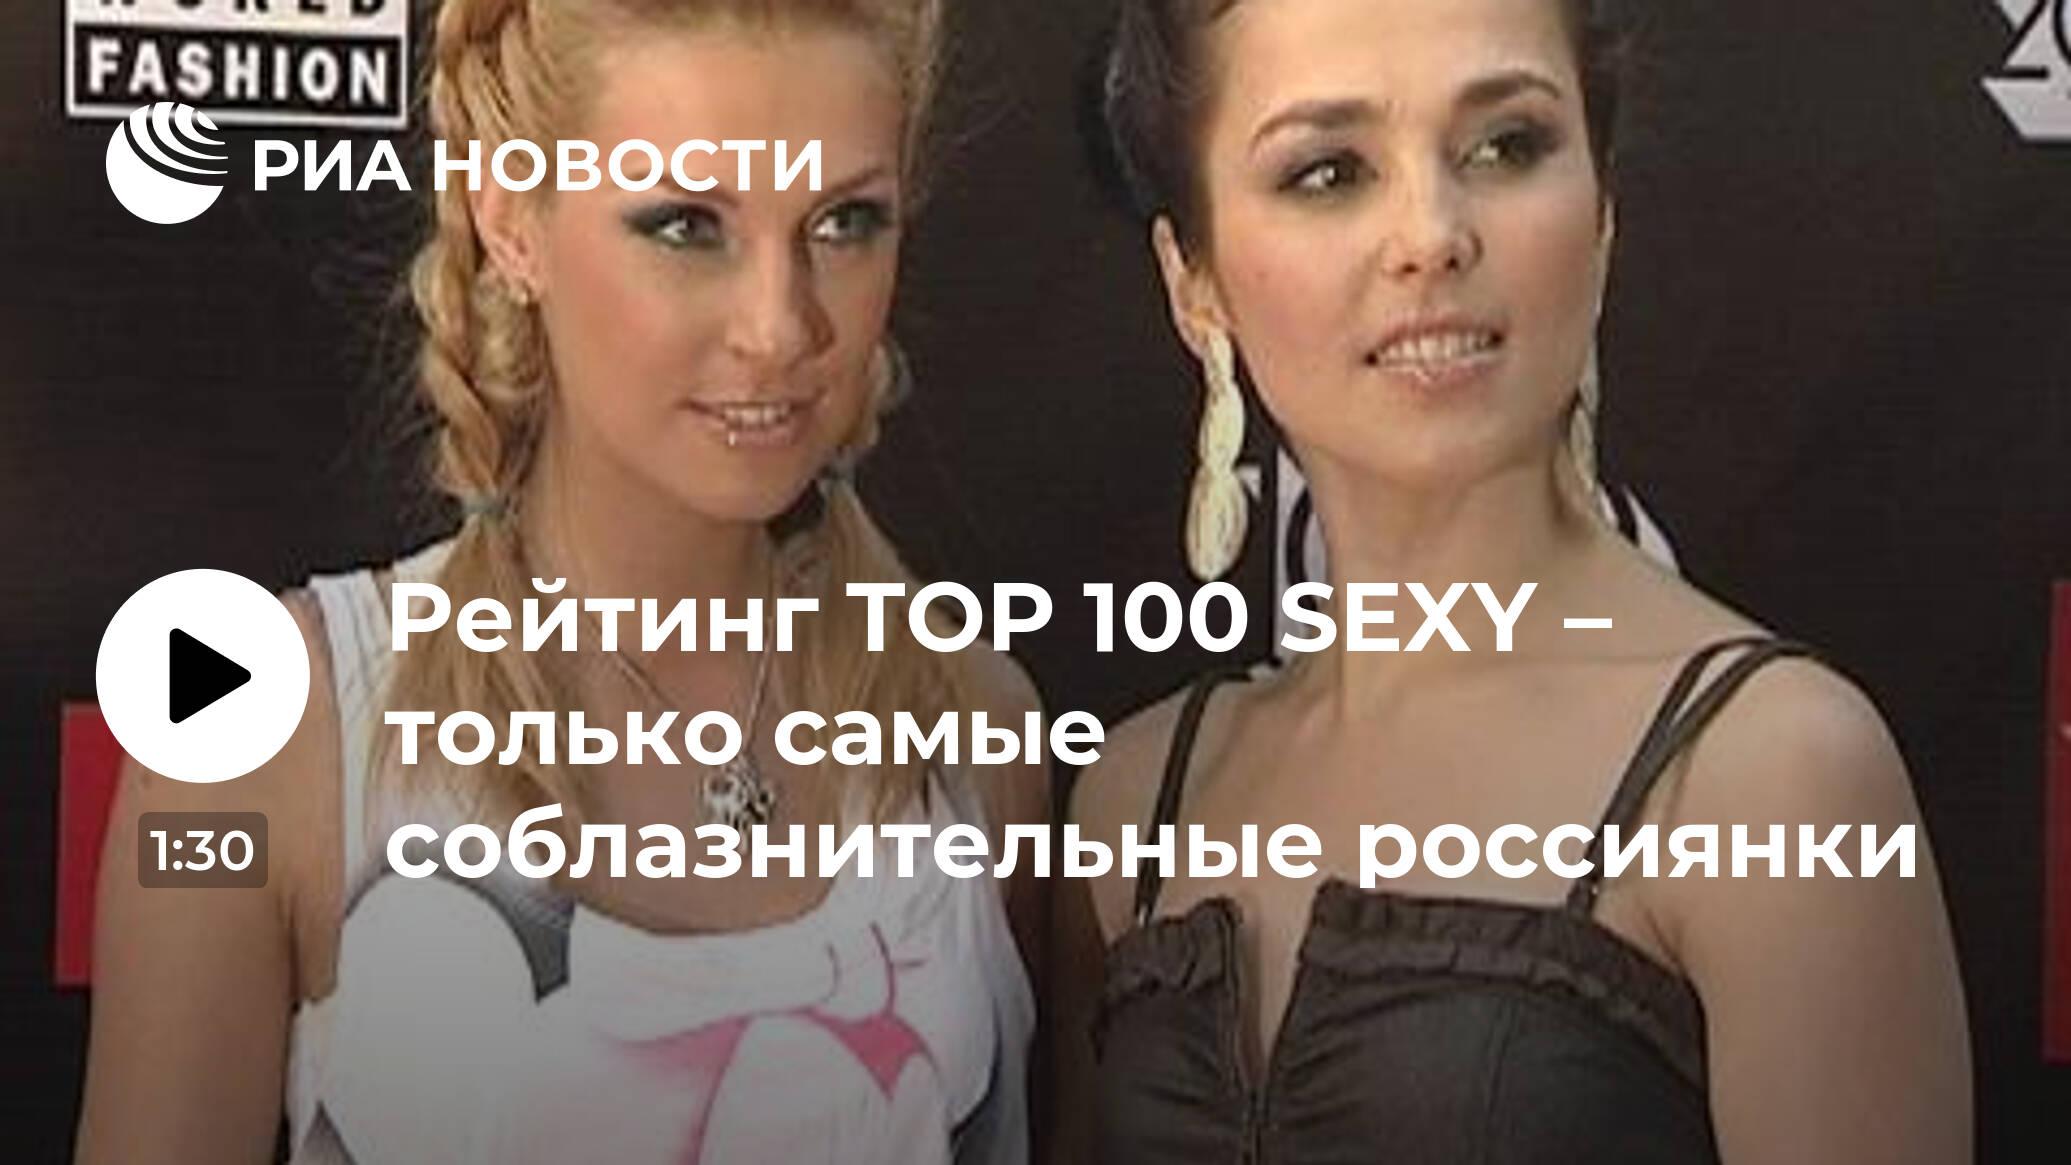 Список Самых Сексуальных Россиянок